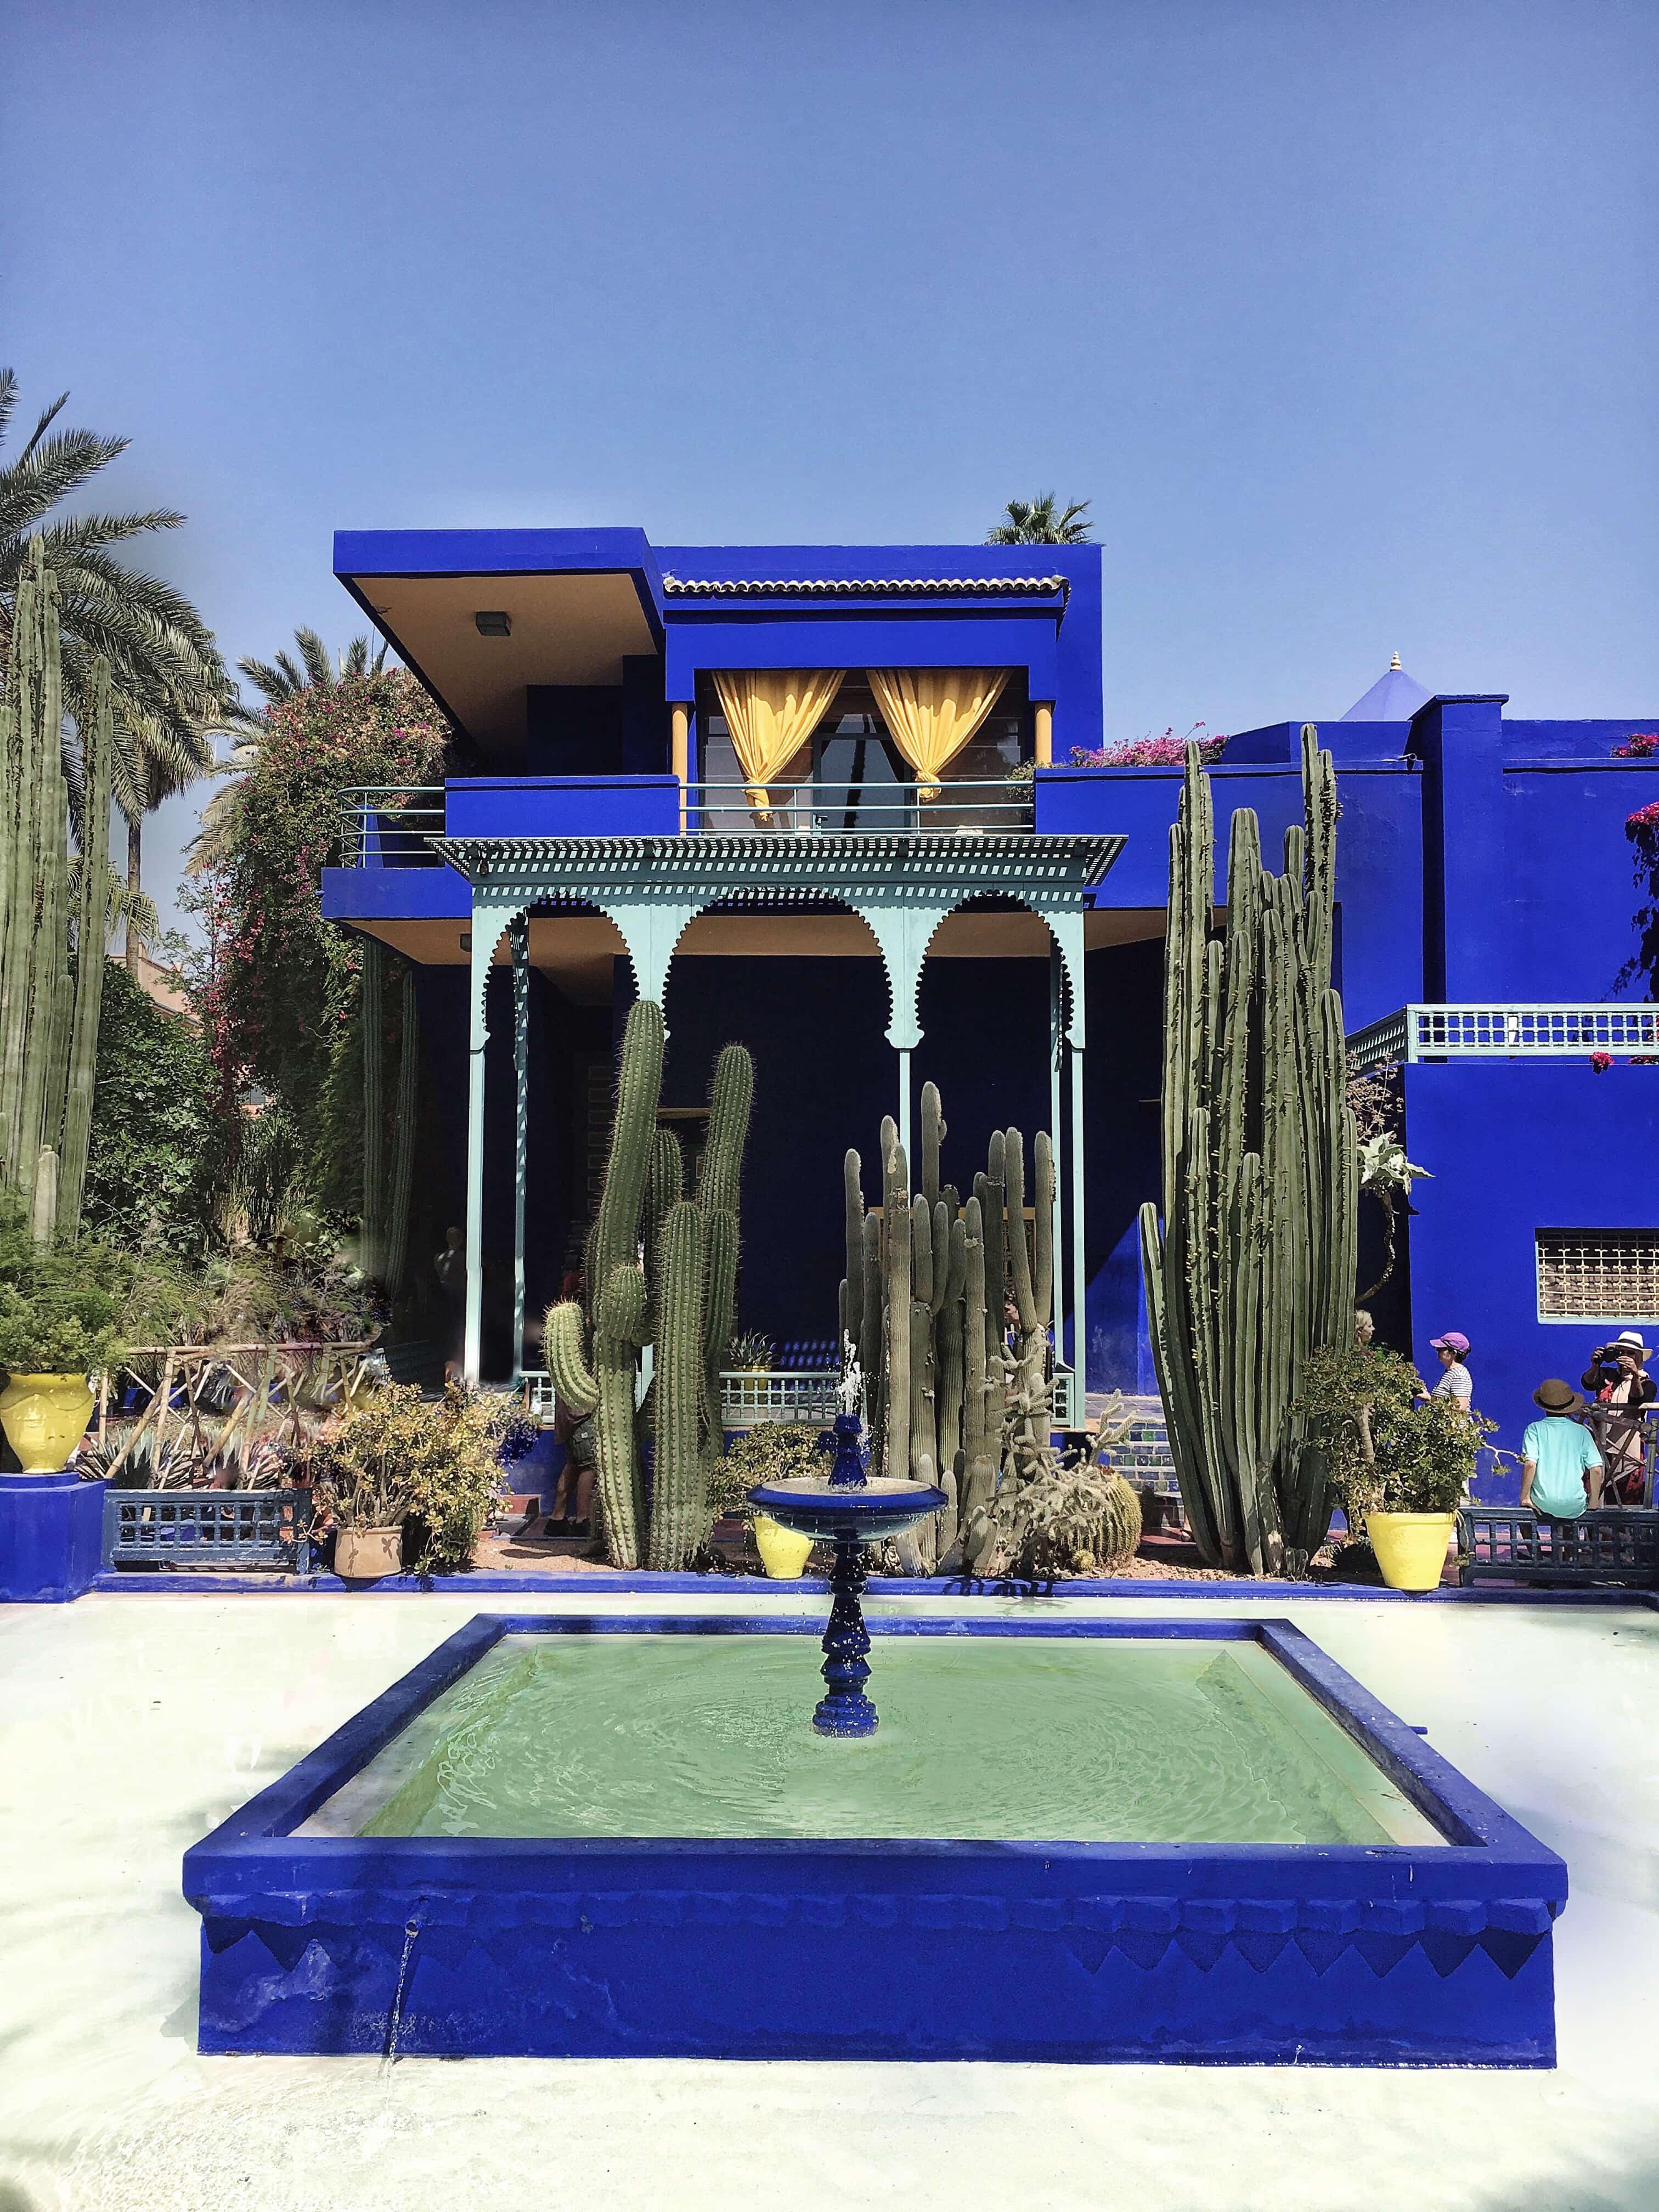 yves saint laurent garden marrakesch